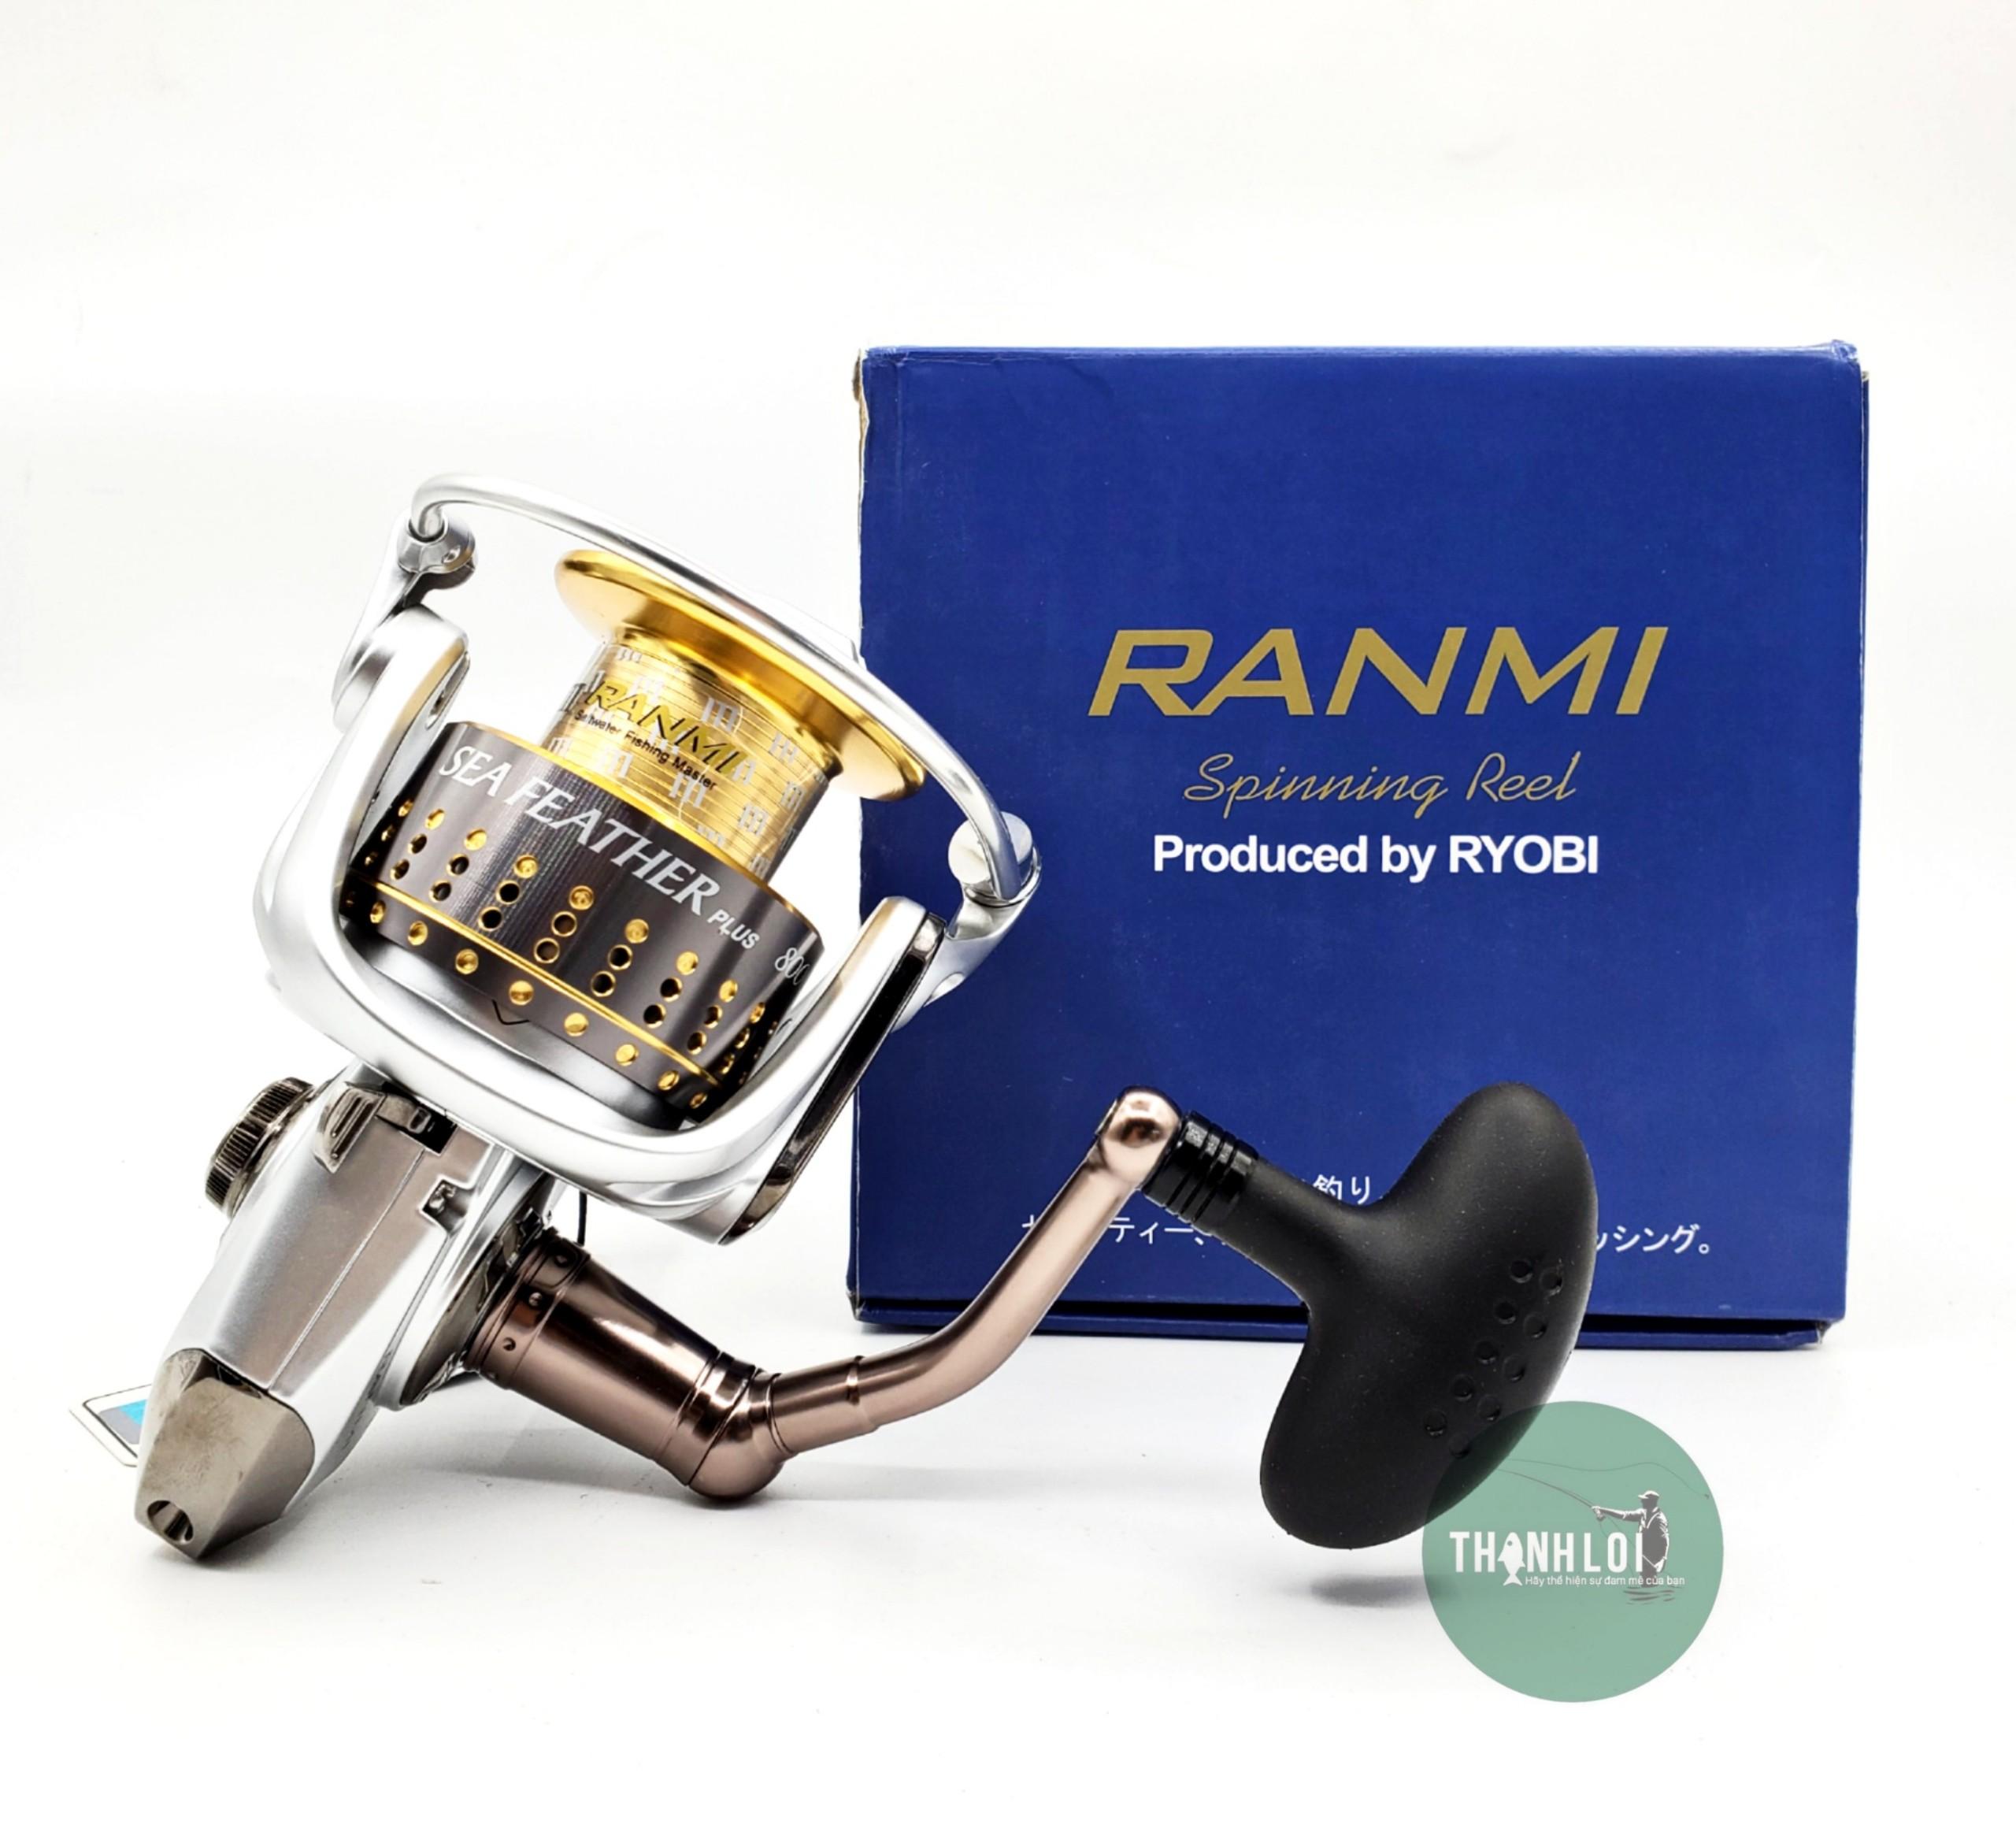 Máy Ryobi  Rammi Plus